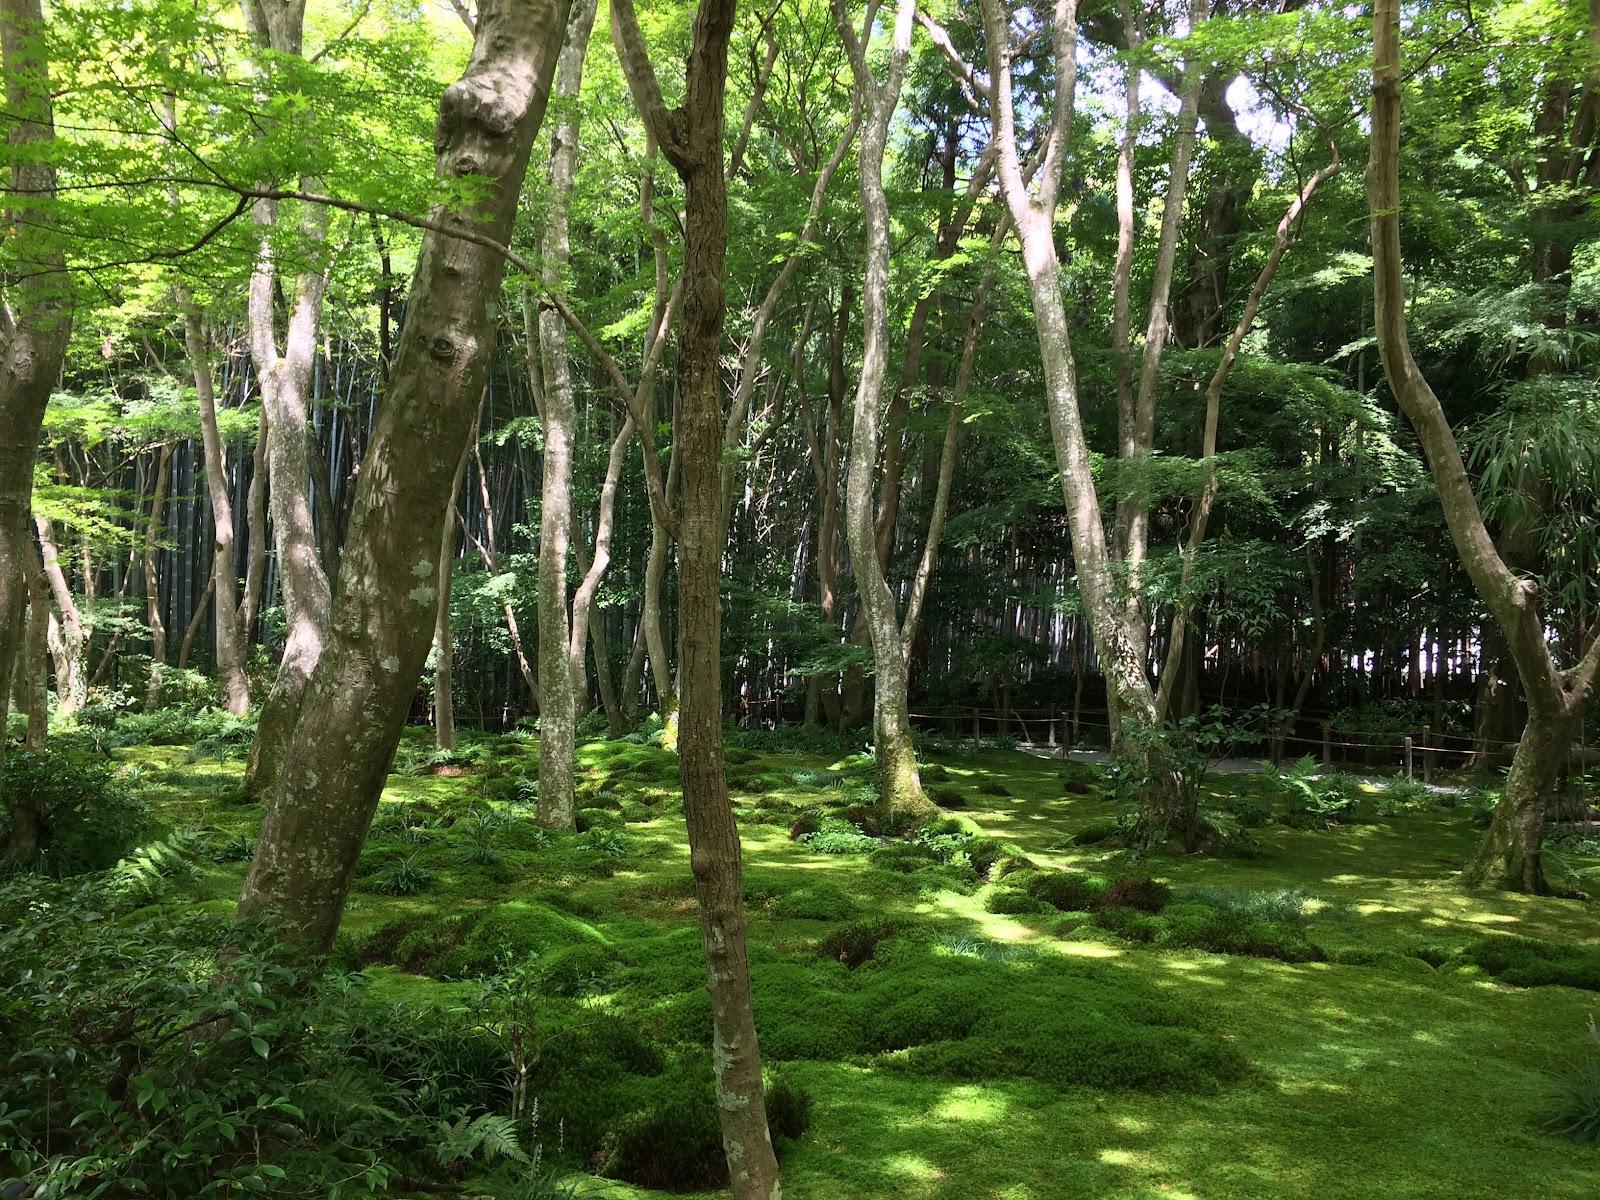 Les vacances de la famille welter tarju: août 2015